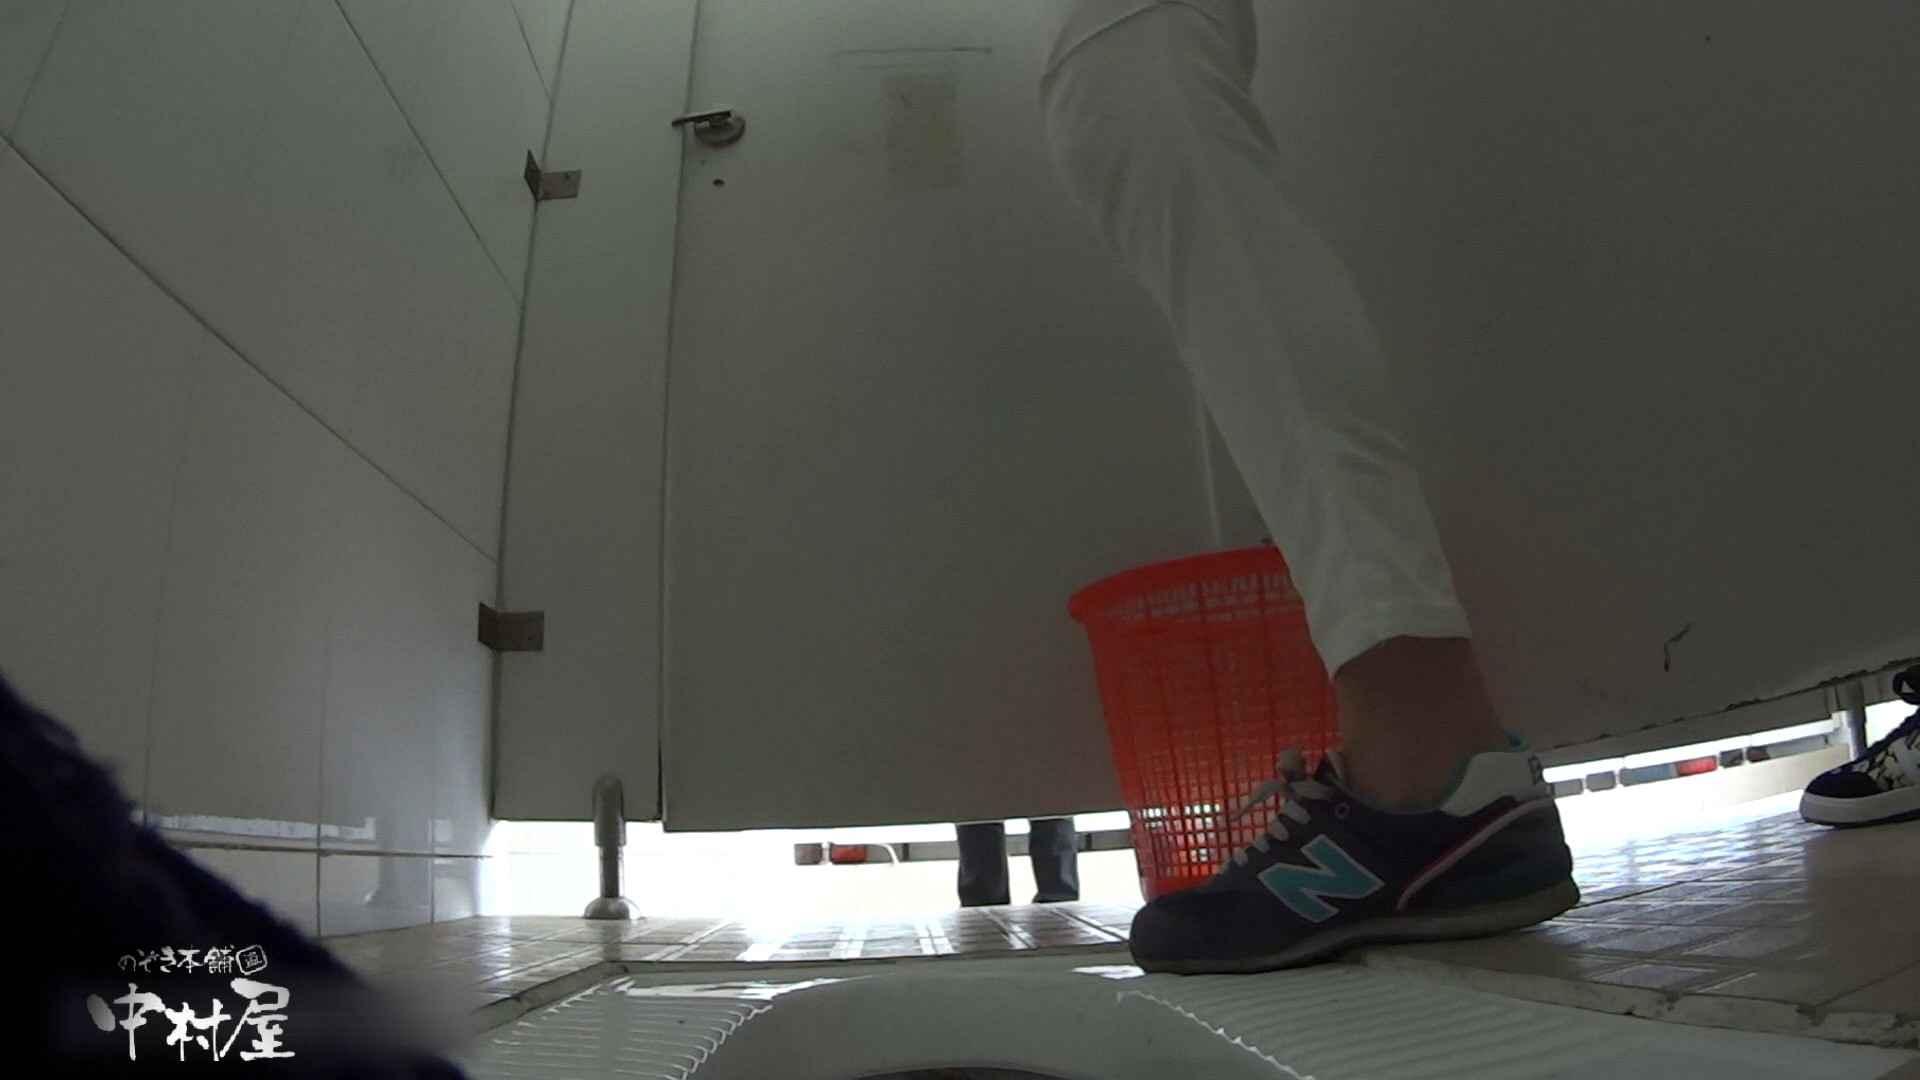 色気のある眼鏡さんの放nyo大学休憩時間の洗面所事情28 洗面所 | Hなお姉さん  78pic 8